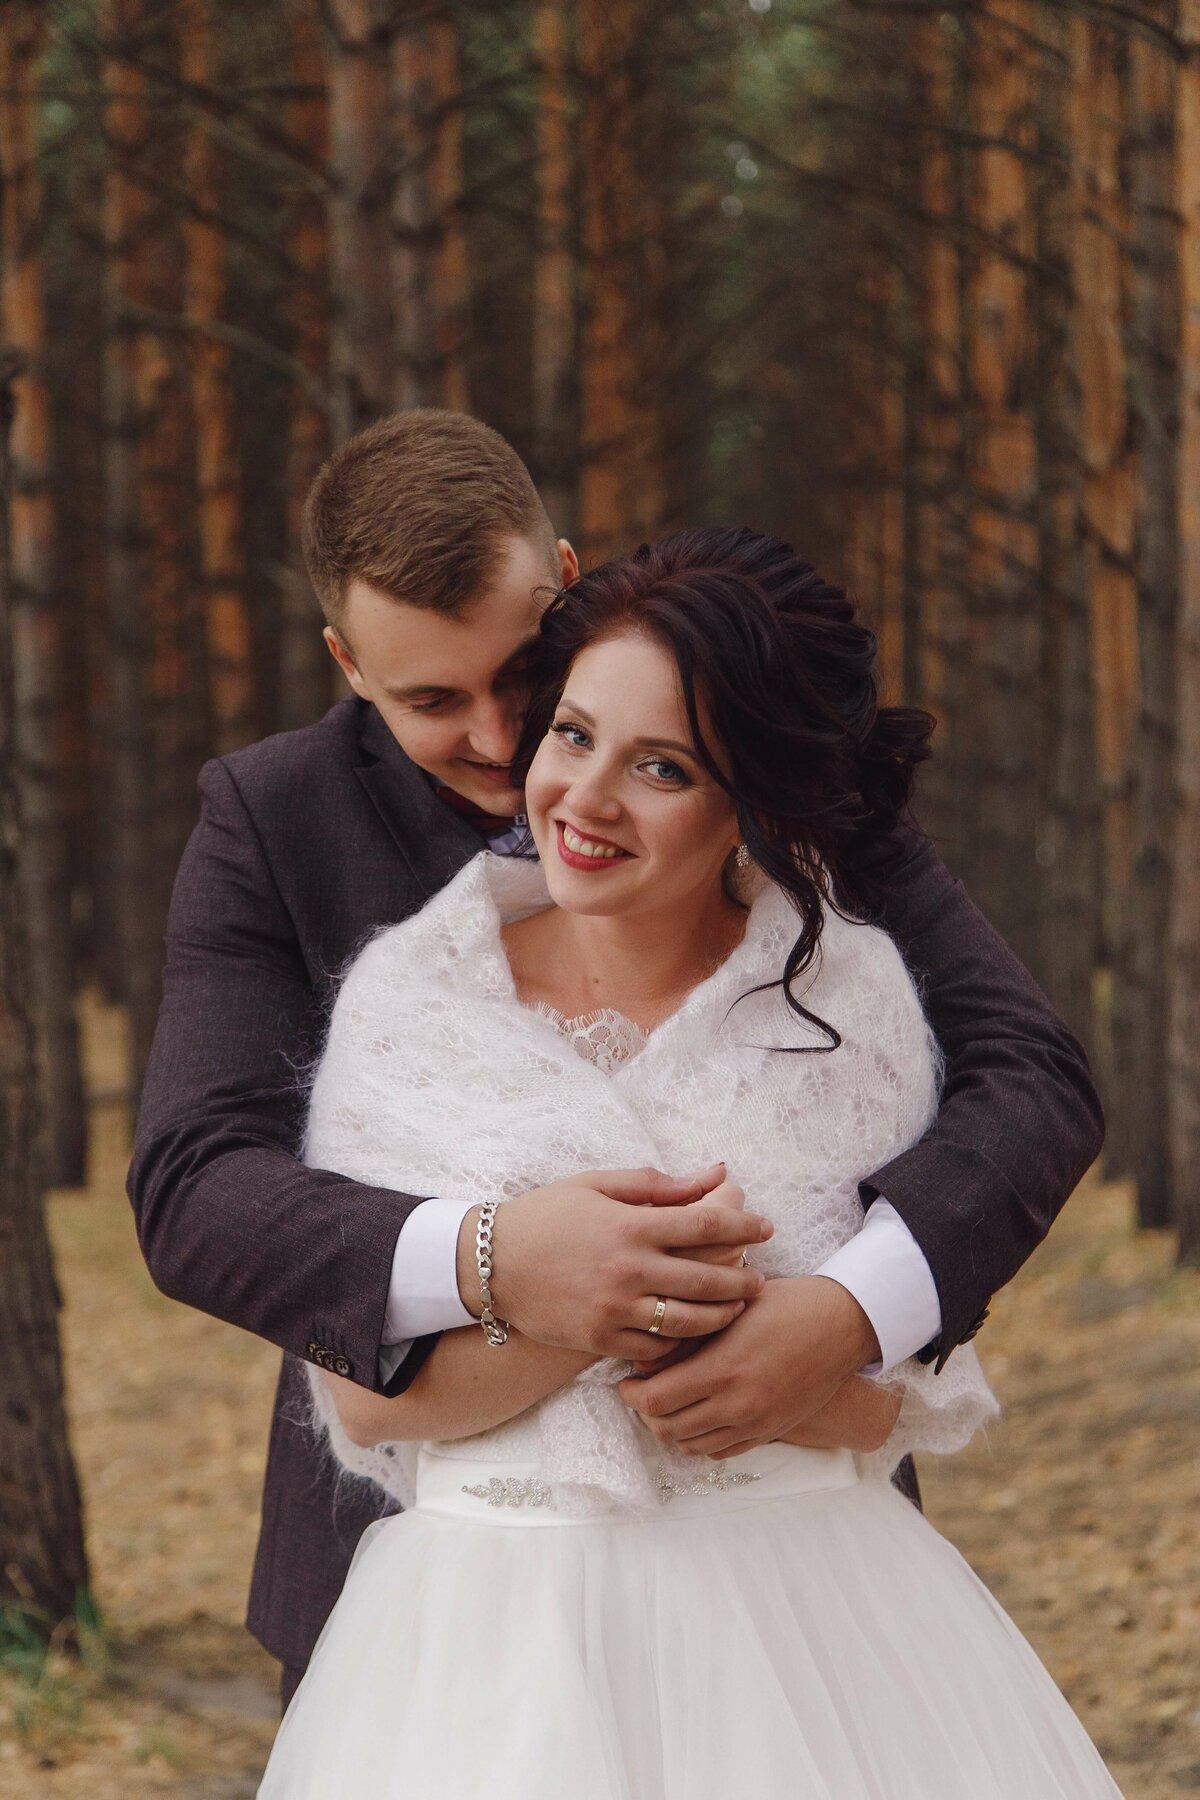 выразил мнение, свадьба анастасии денисовой фото рождаются некрупными отелы